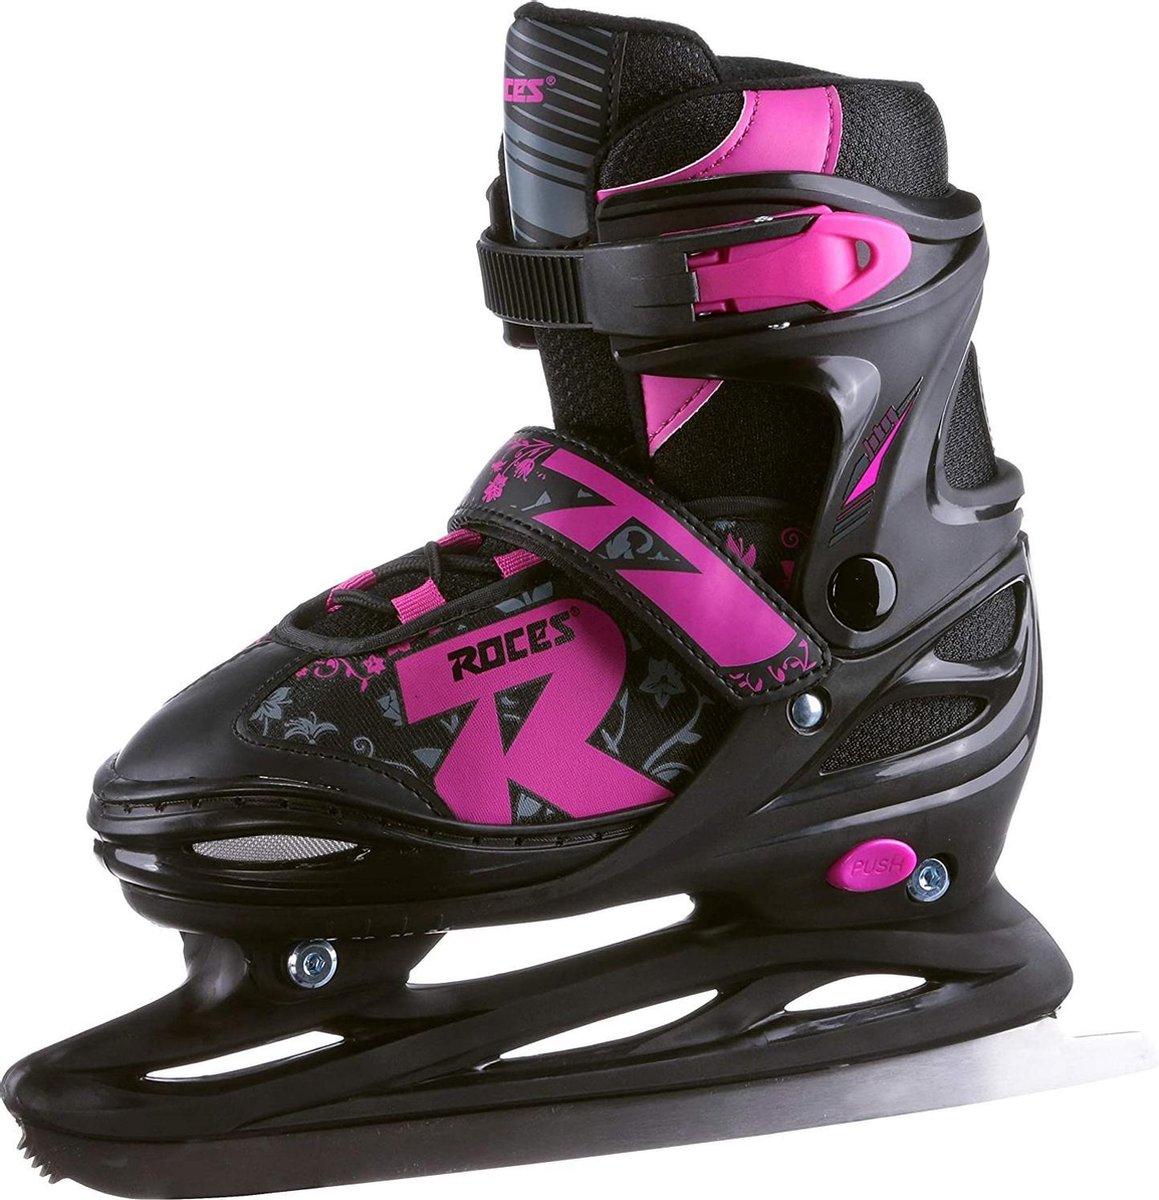 Roces - Jokey ice 2.0 - Verstelbare schaatsen - Maat 34-37 - Zwart - Roze - IJshockeyschaats voor kinderen